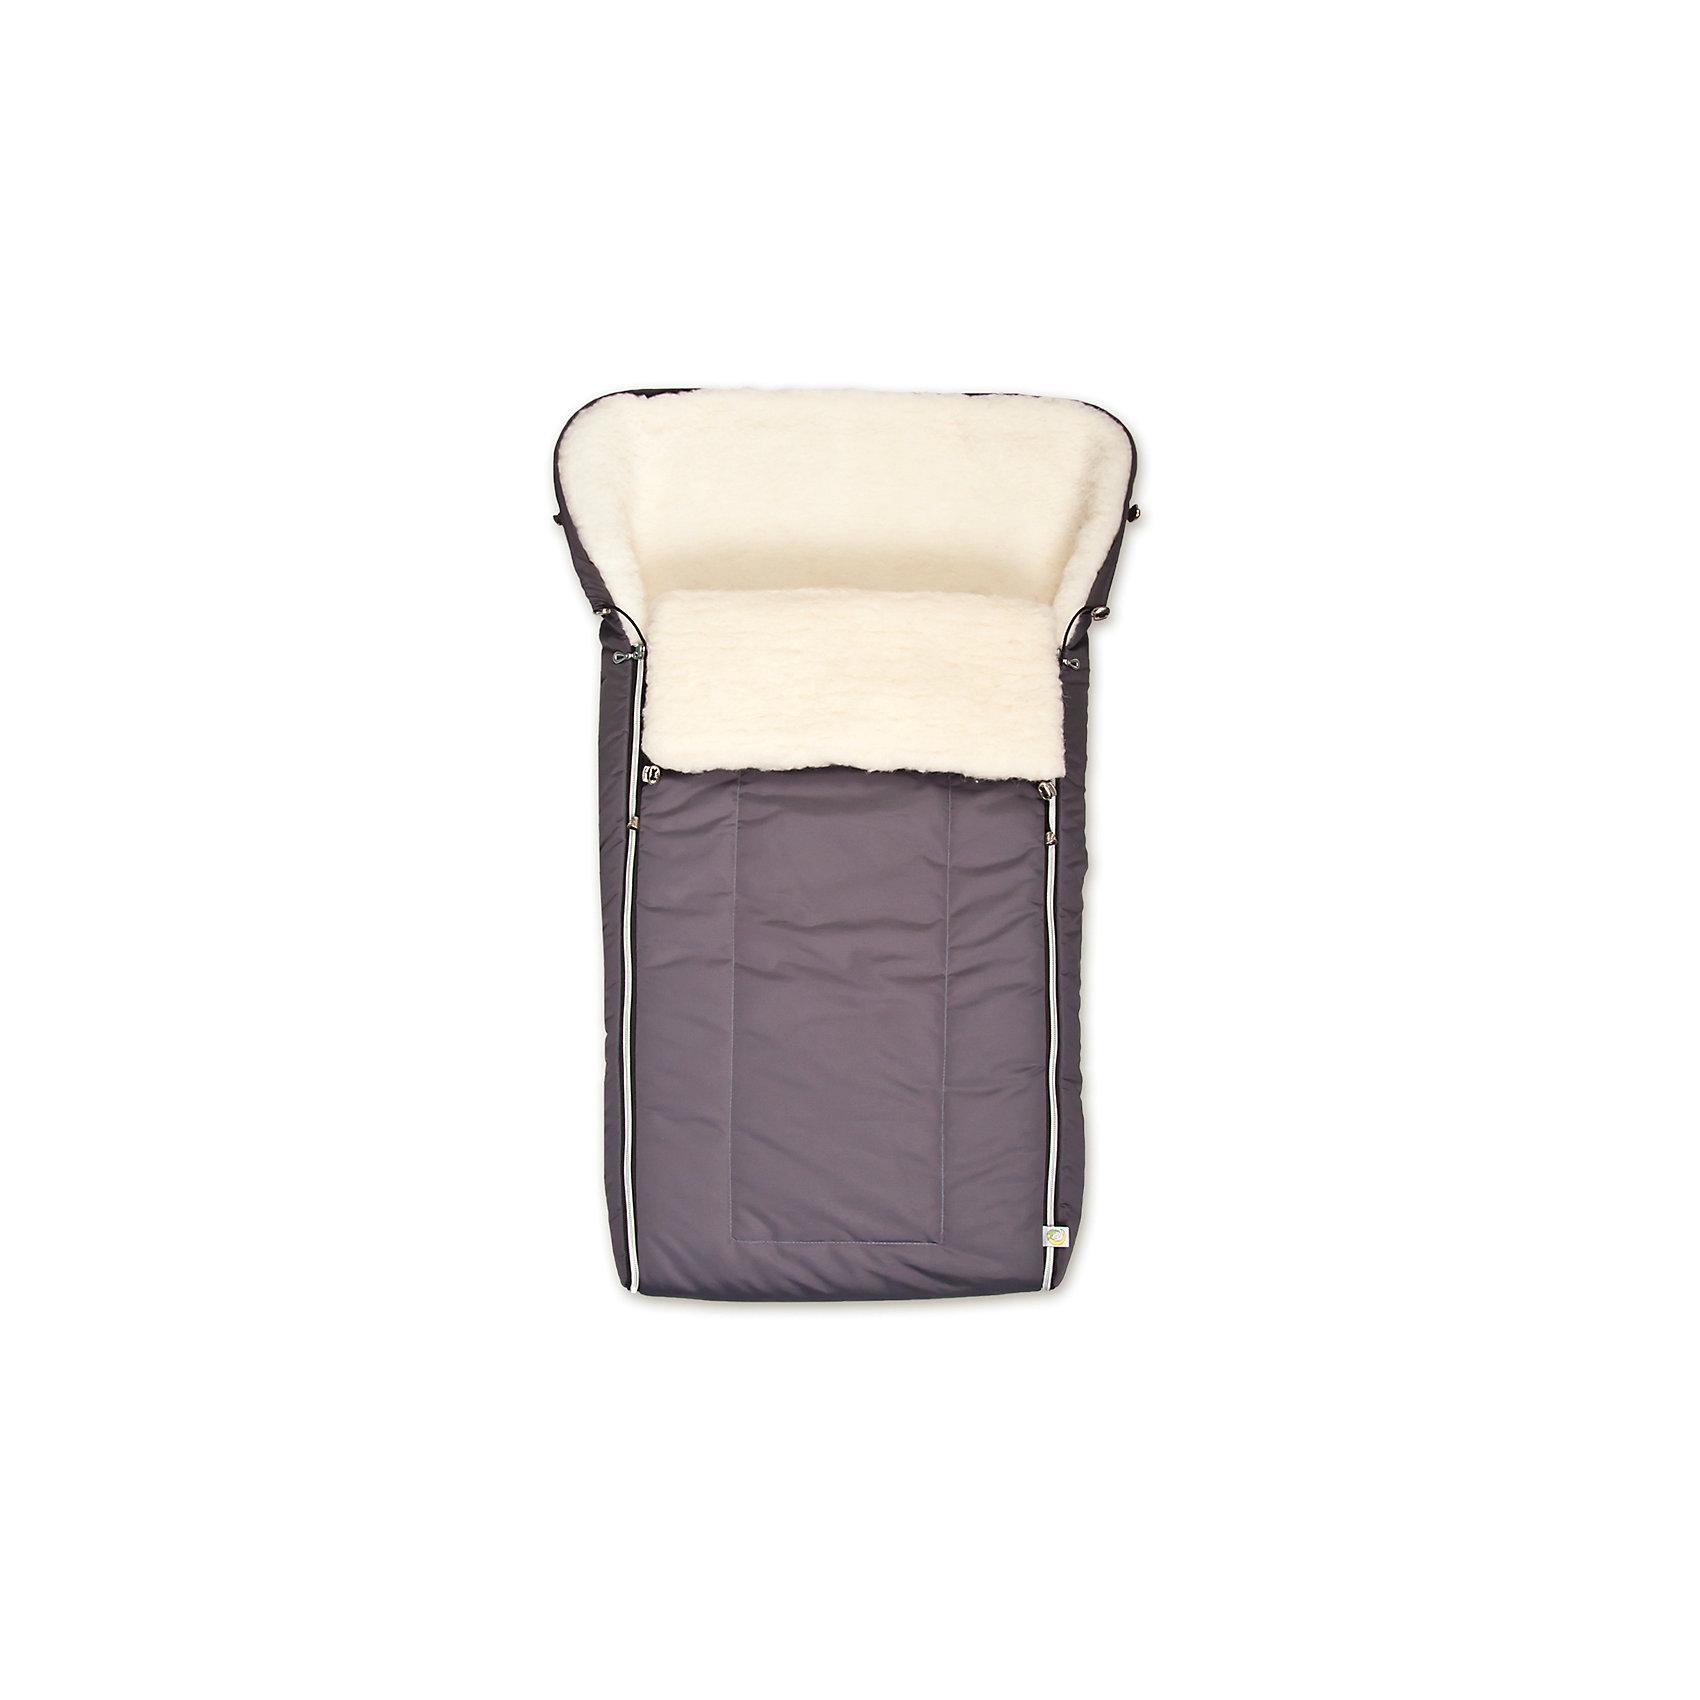 Сонный гномик Конверт в коляску Норд, Сонный гномик, серый